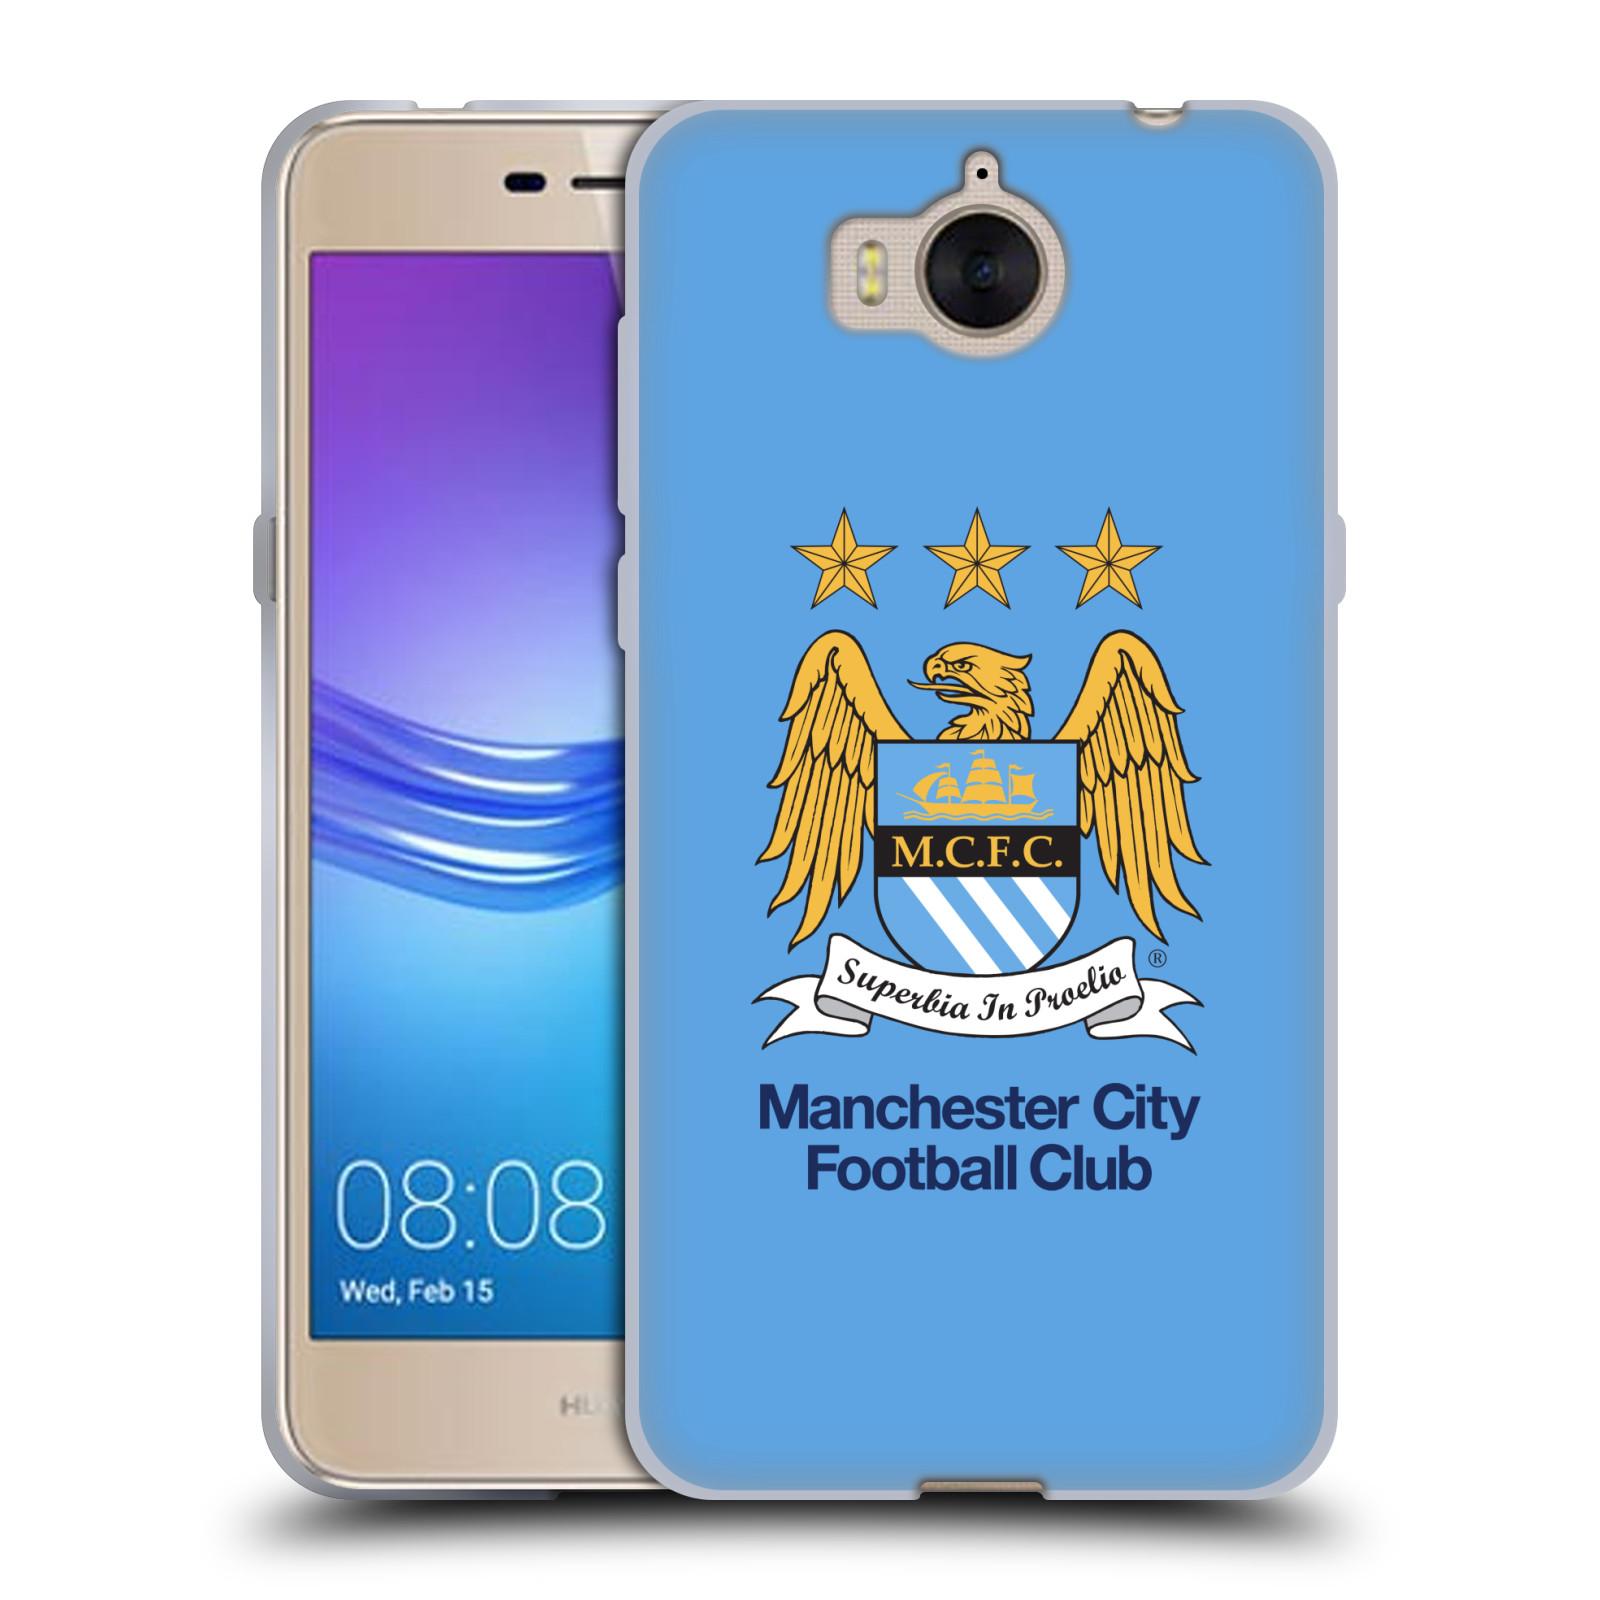 HEAD CASE silikonový obal na mobil Huawei Y5 2017 Fotbalový klub Manchester City nebesky modrá pozadí velký znak pták